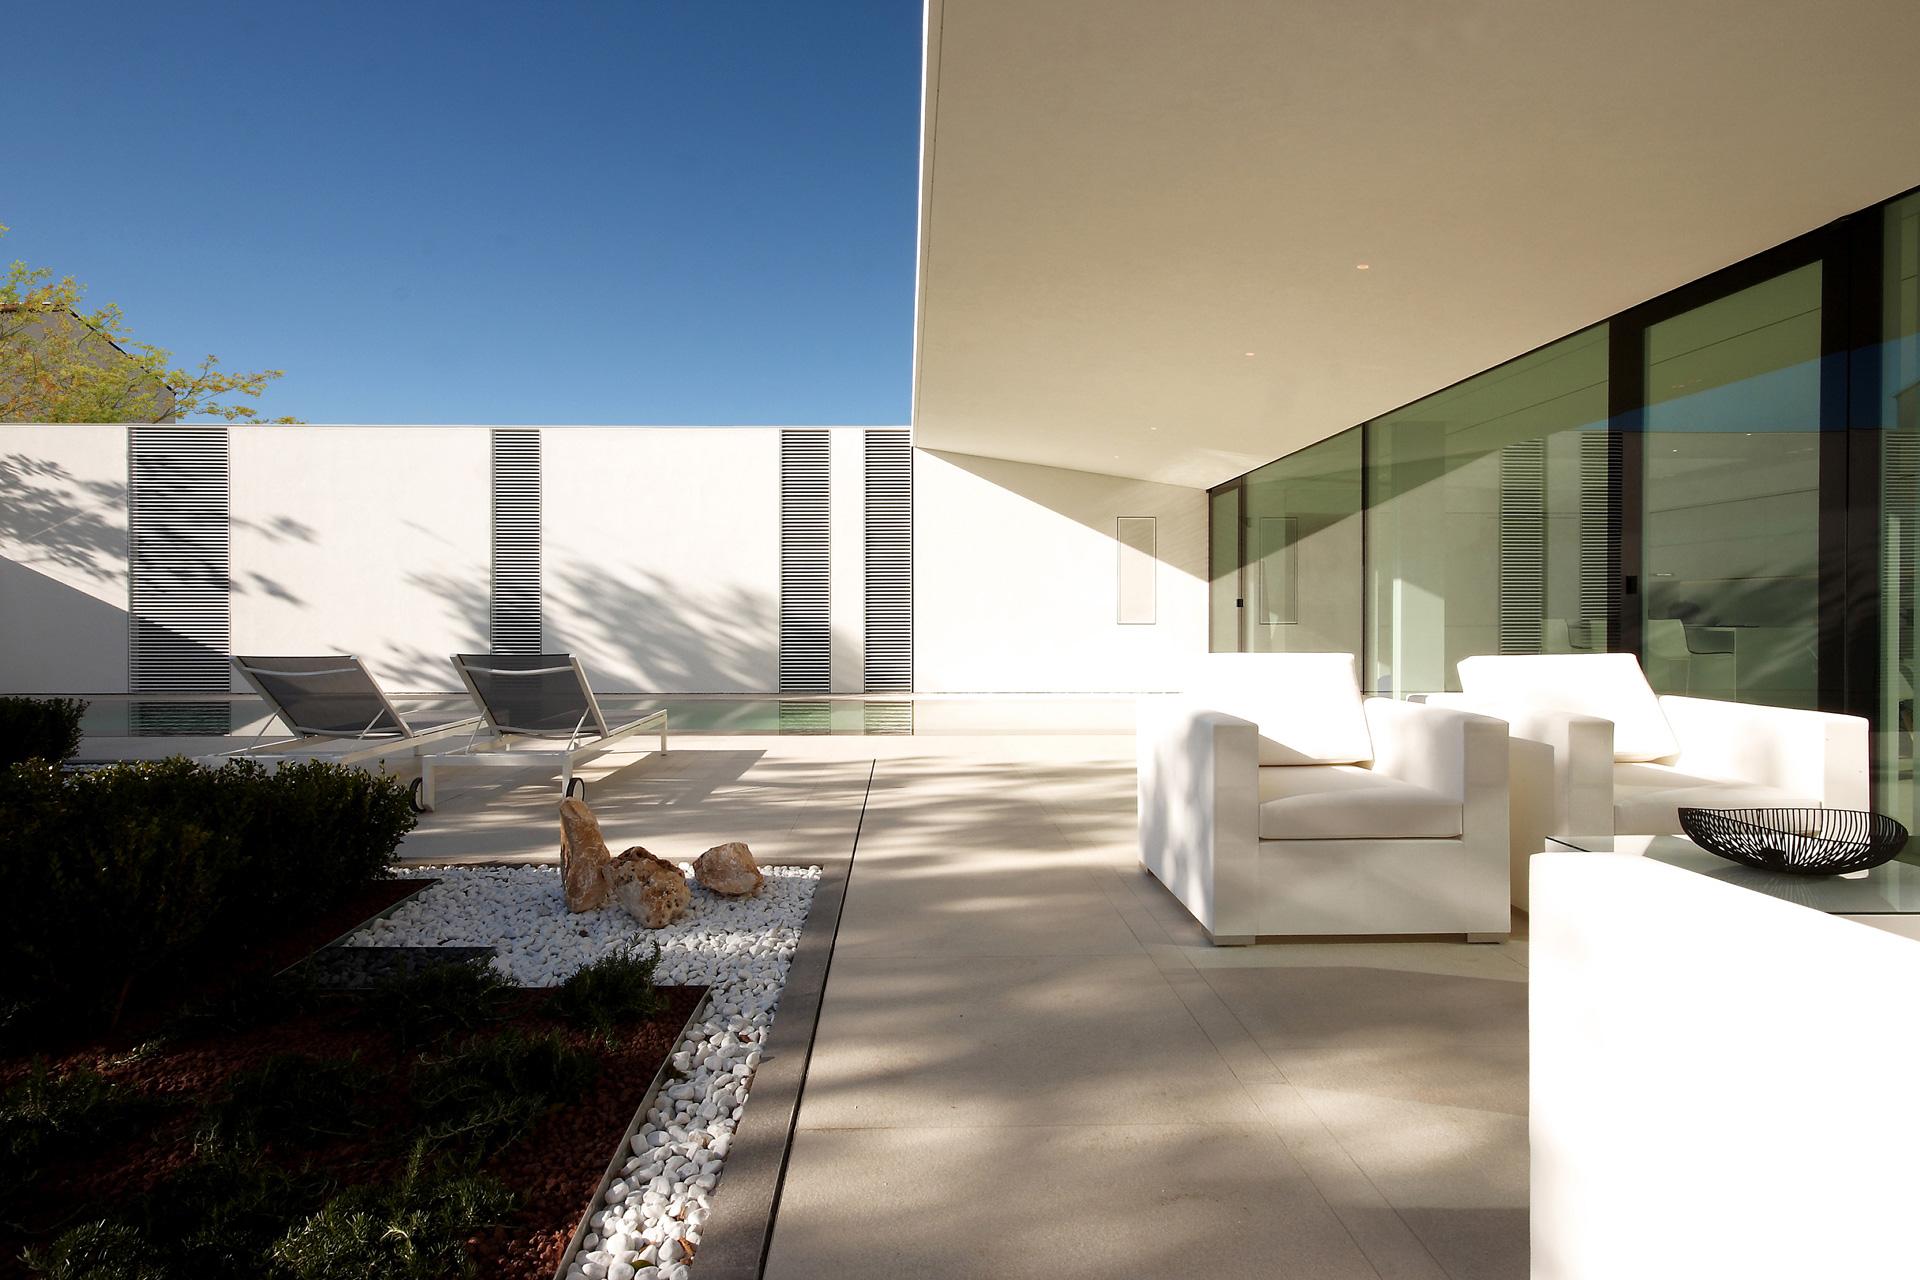 ditail-prescripcion-mosa-soluciones-arquitecto-jesolo-lido-pool-villa-lido-venice-